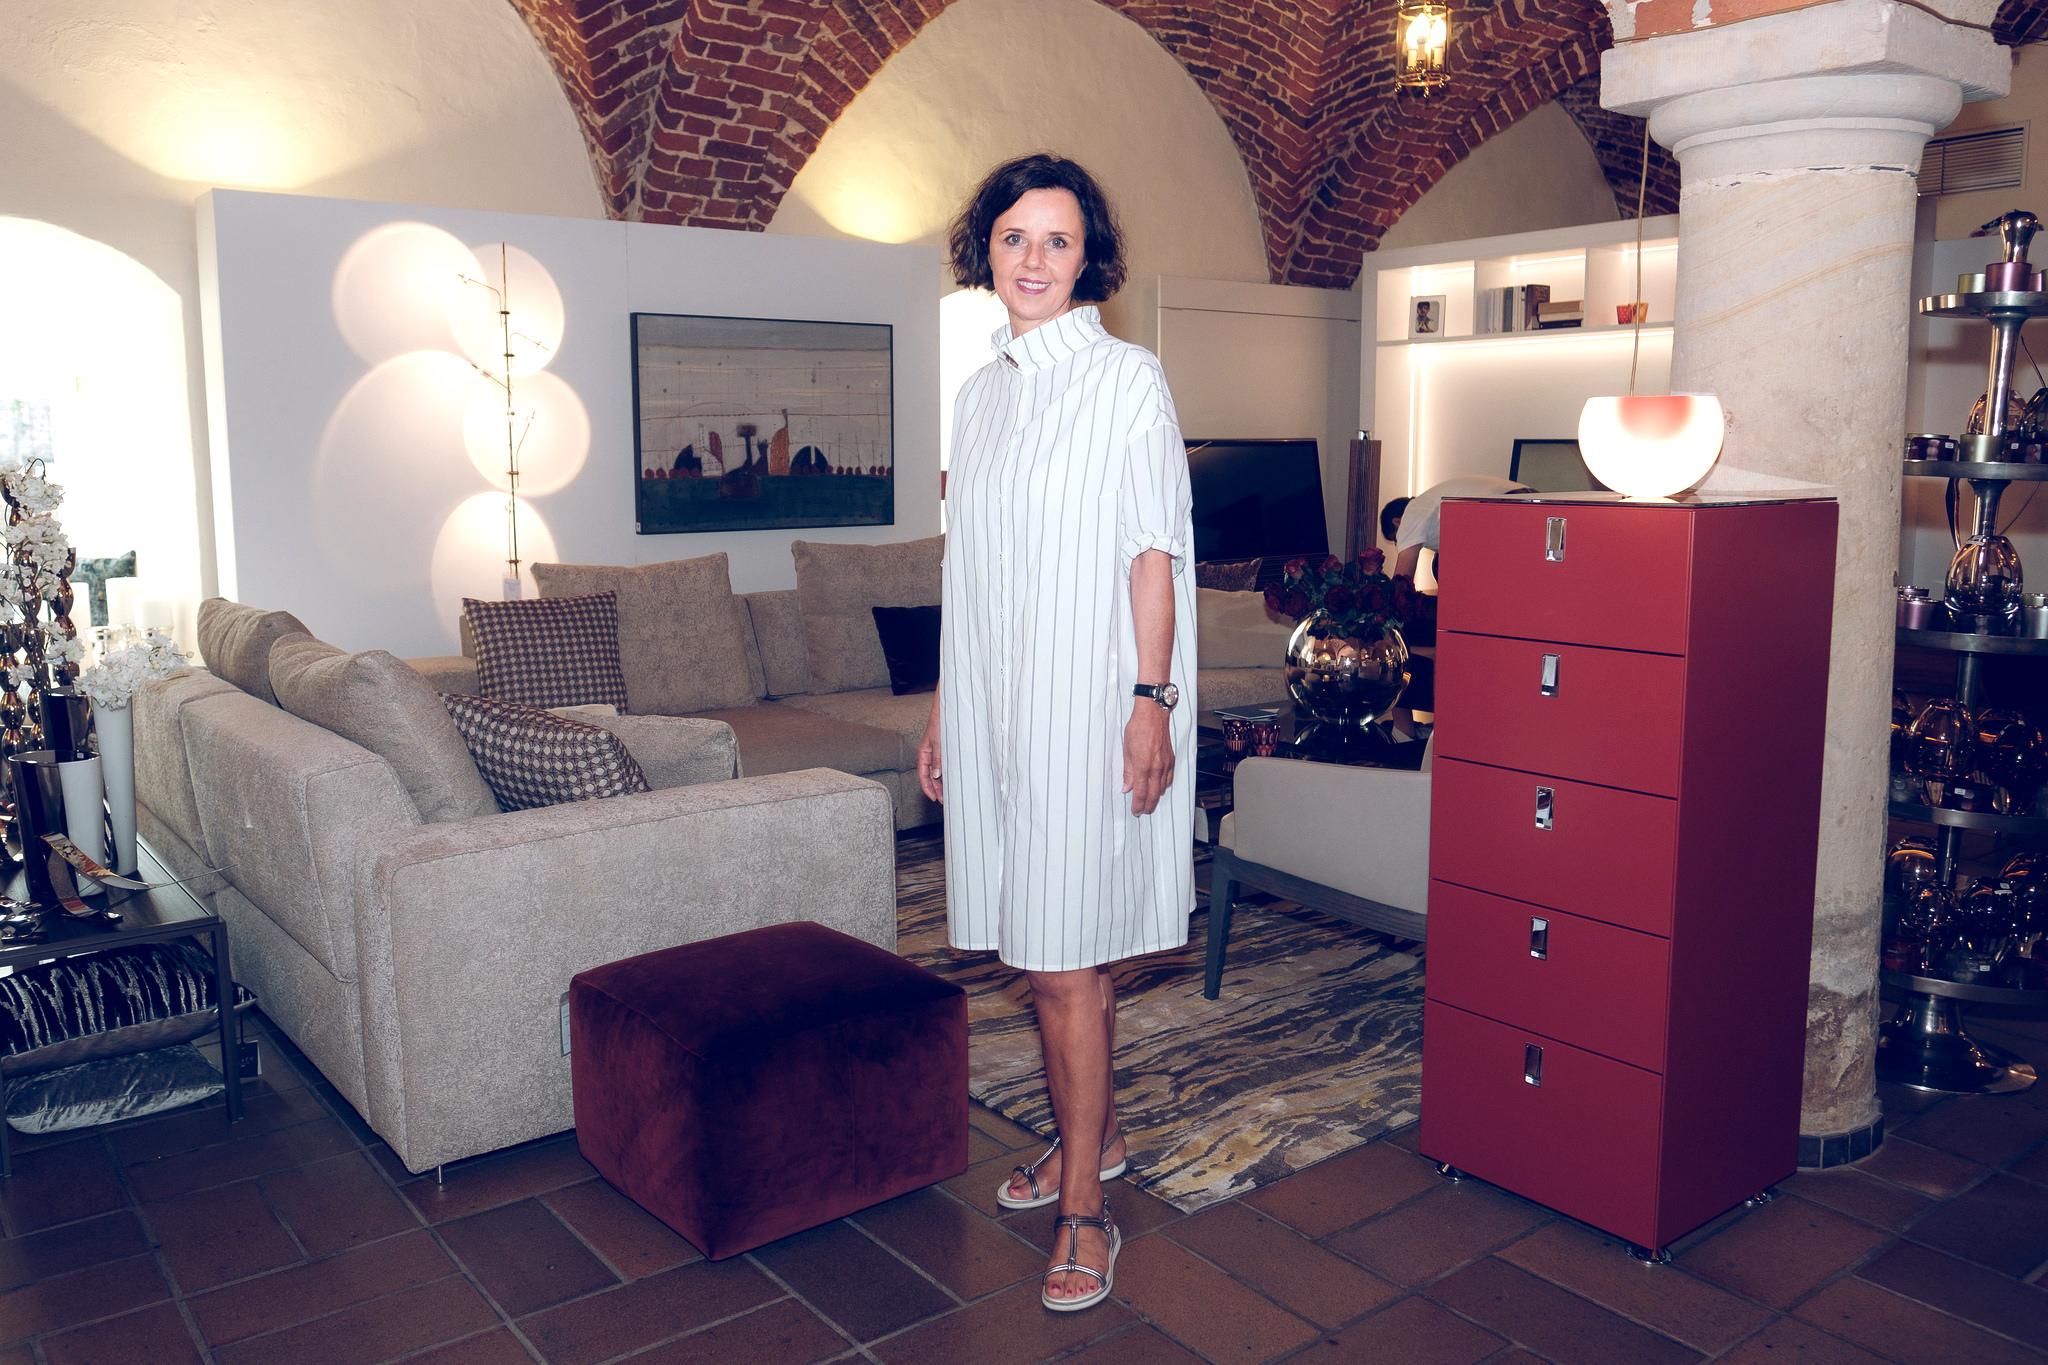 Hetkamp Raesefeld, Hetkamp Annette Görtz, Hetkamp Schloss Lembeck, Lifestyle-Blog, Lieblingsstil.com,